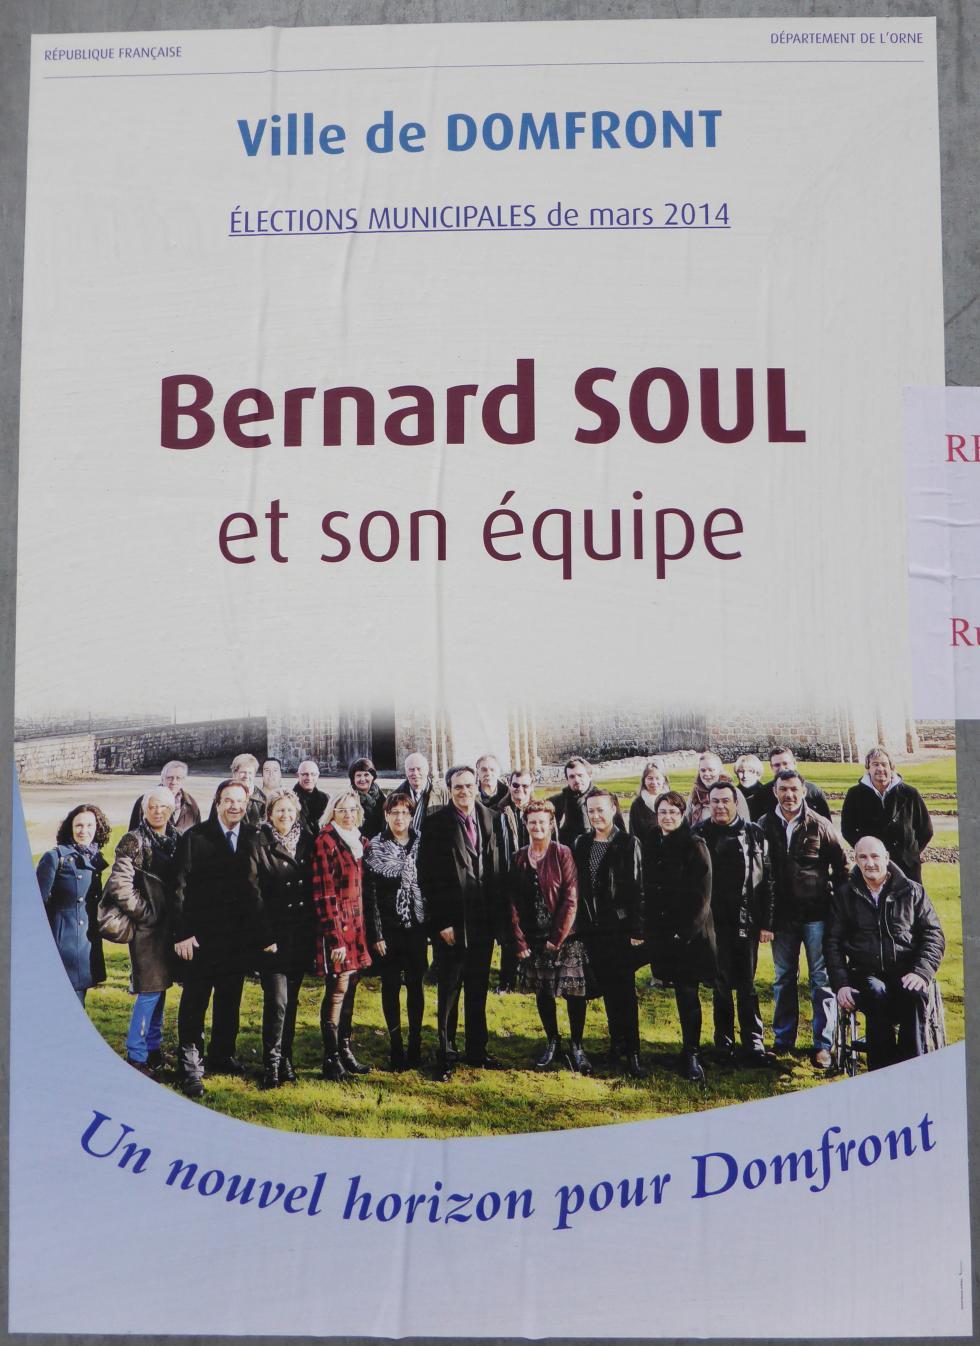 L'affiche électorale du candidat Bernard SOUL.